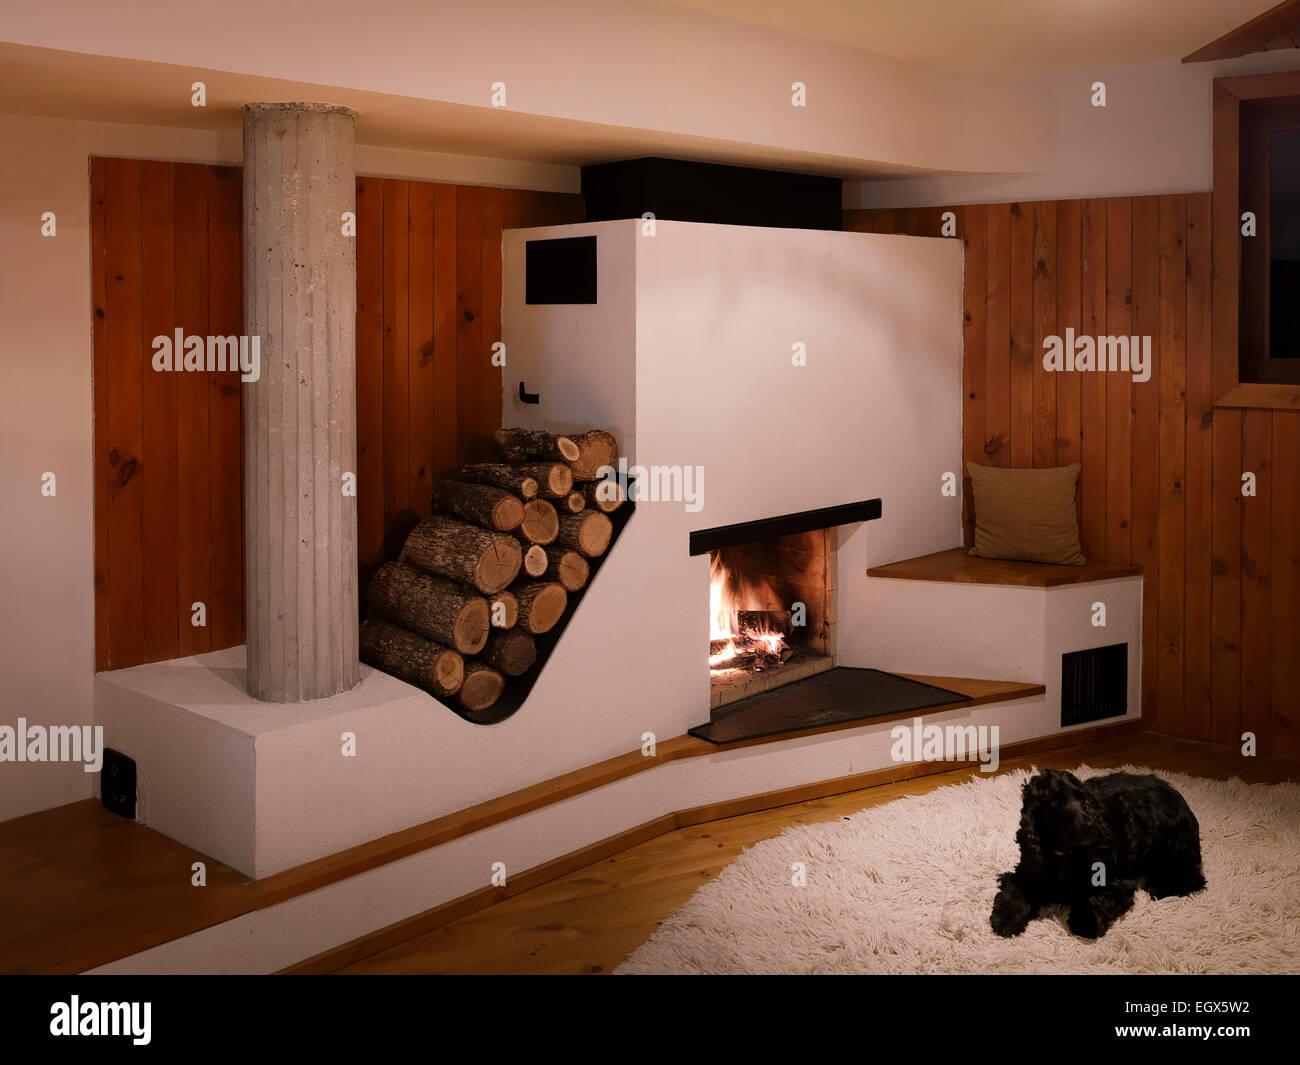 kamin mit log speicher in holz get felten wohnzimmer uk nach hause stockfoto bild 79251342. Black Bedroom Furniture Sets. Home Design Ideas